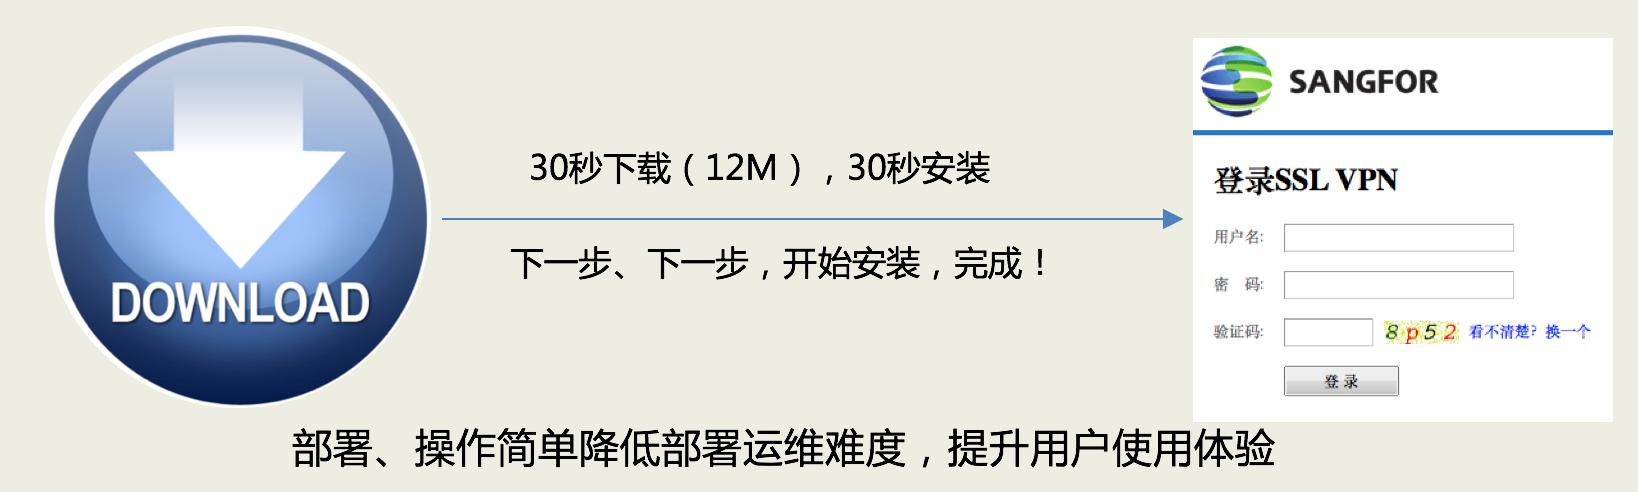 福建HUAWEIVPN多少钱 上海雪莱信息科技供应